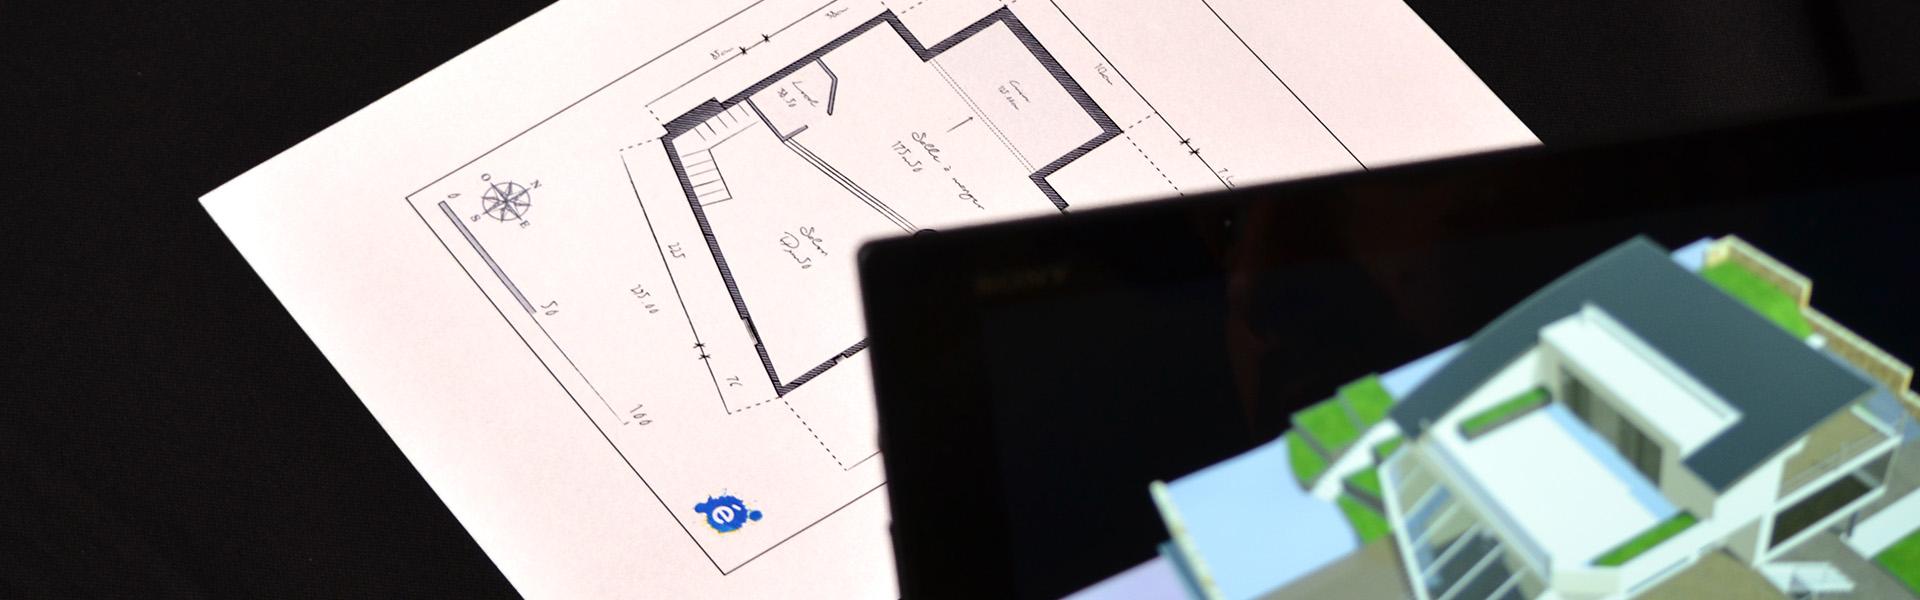 Réalité augmentée pour l'architecture, ex de mise en oeuvre